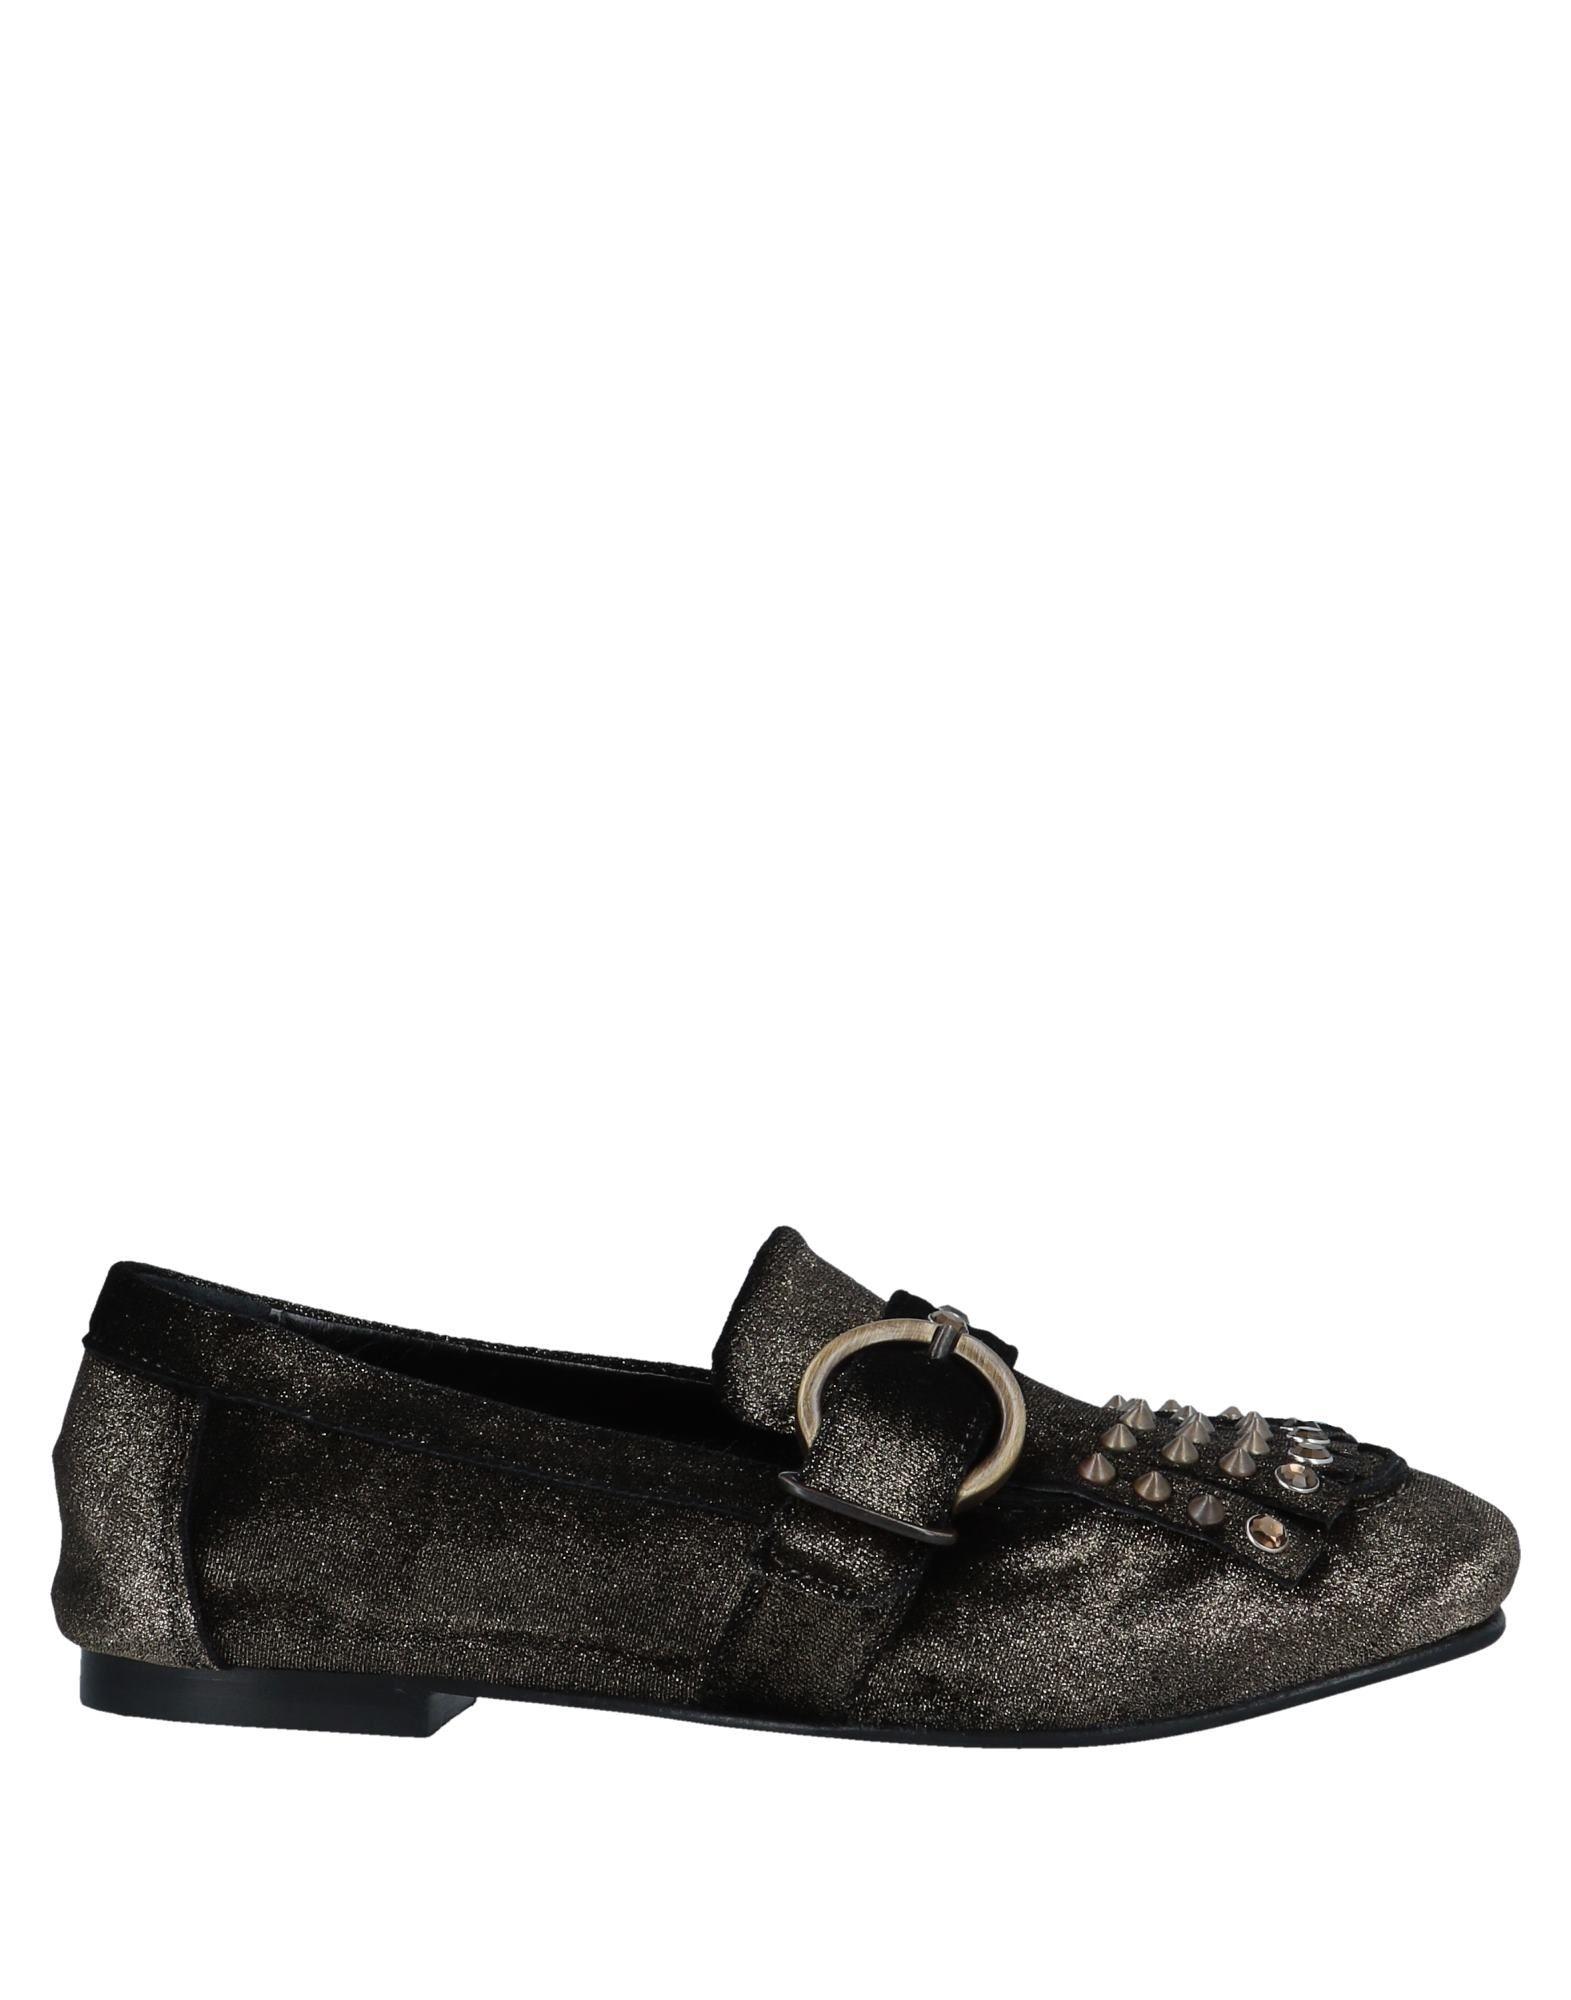 Todai Mokassins Damen  11557818JX Gute Qualität beliebte Schuhe